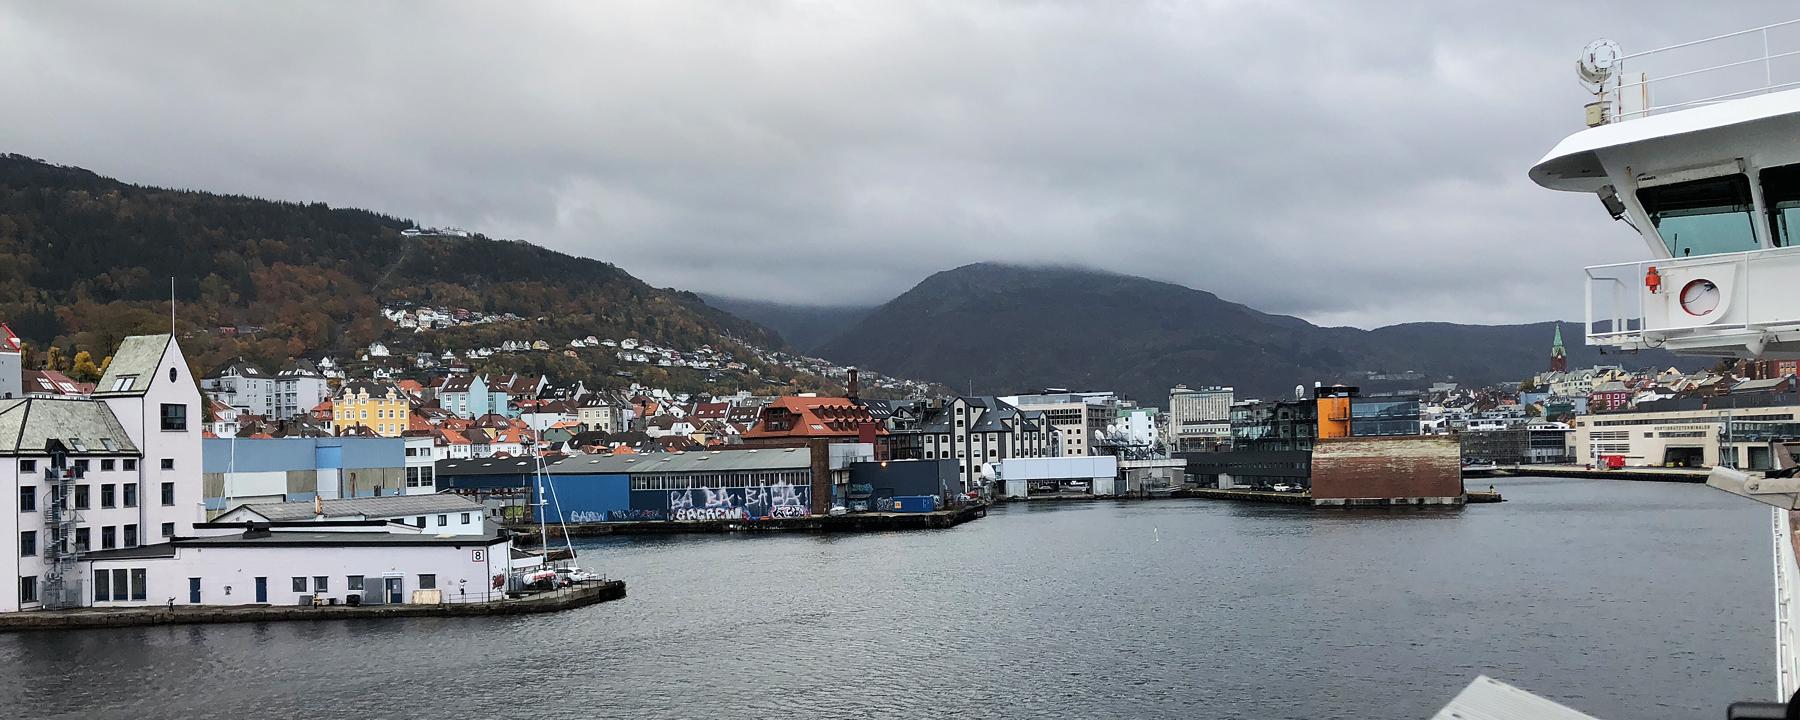 Die MS Polarlys läuft in Bergen ein